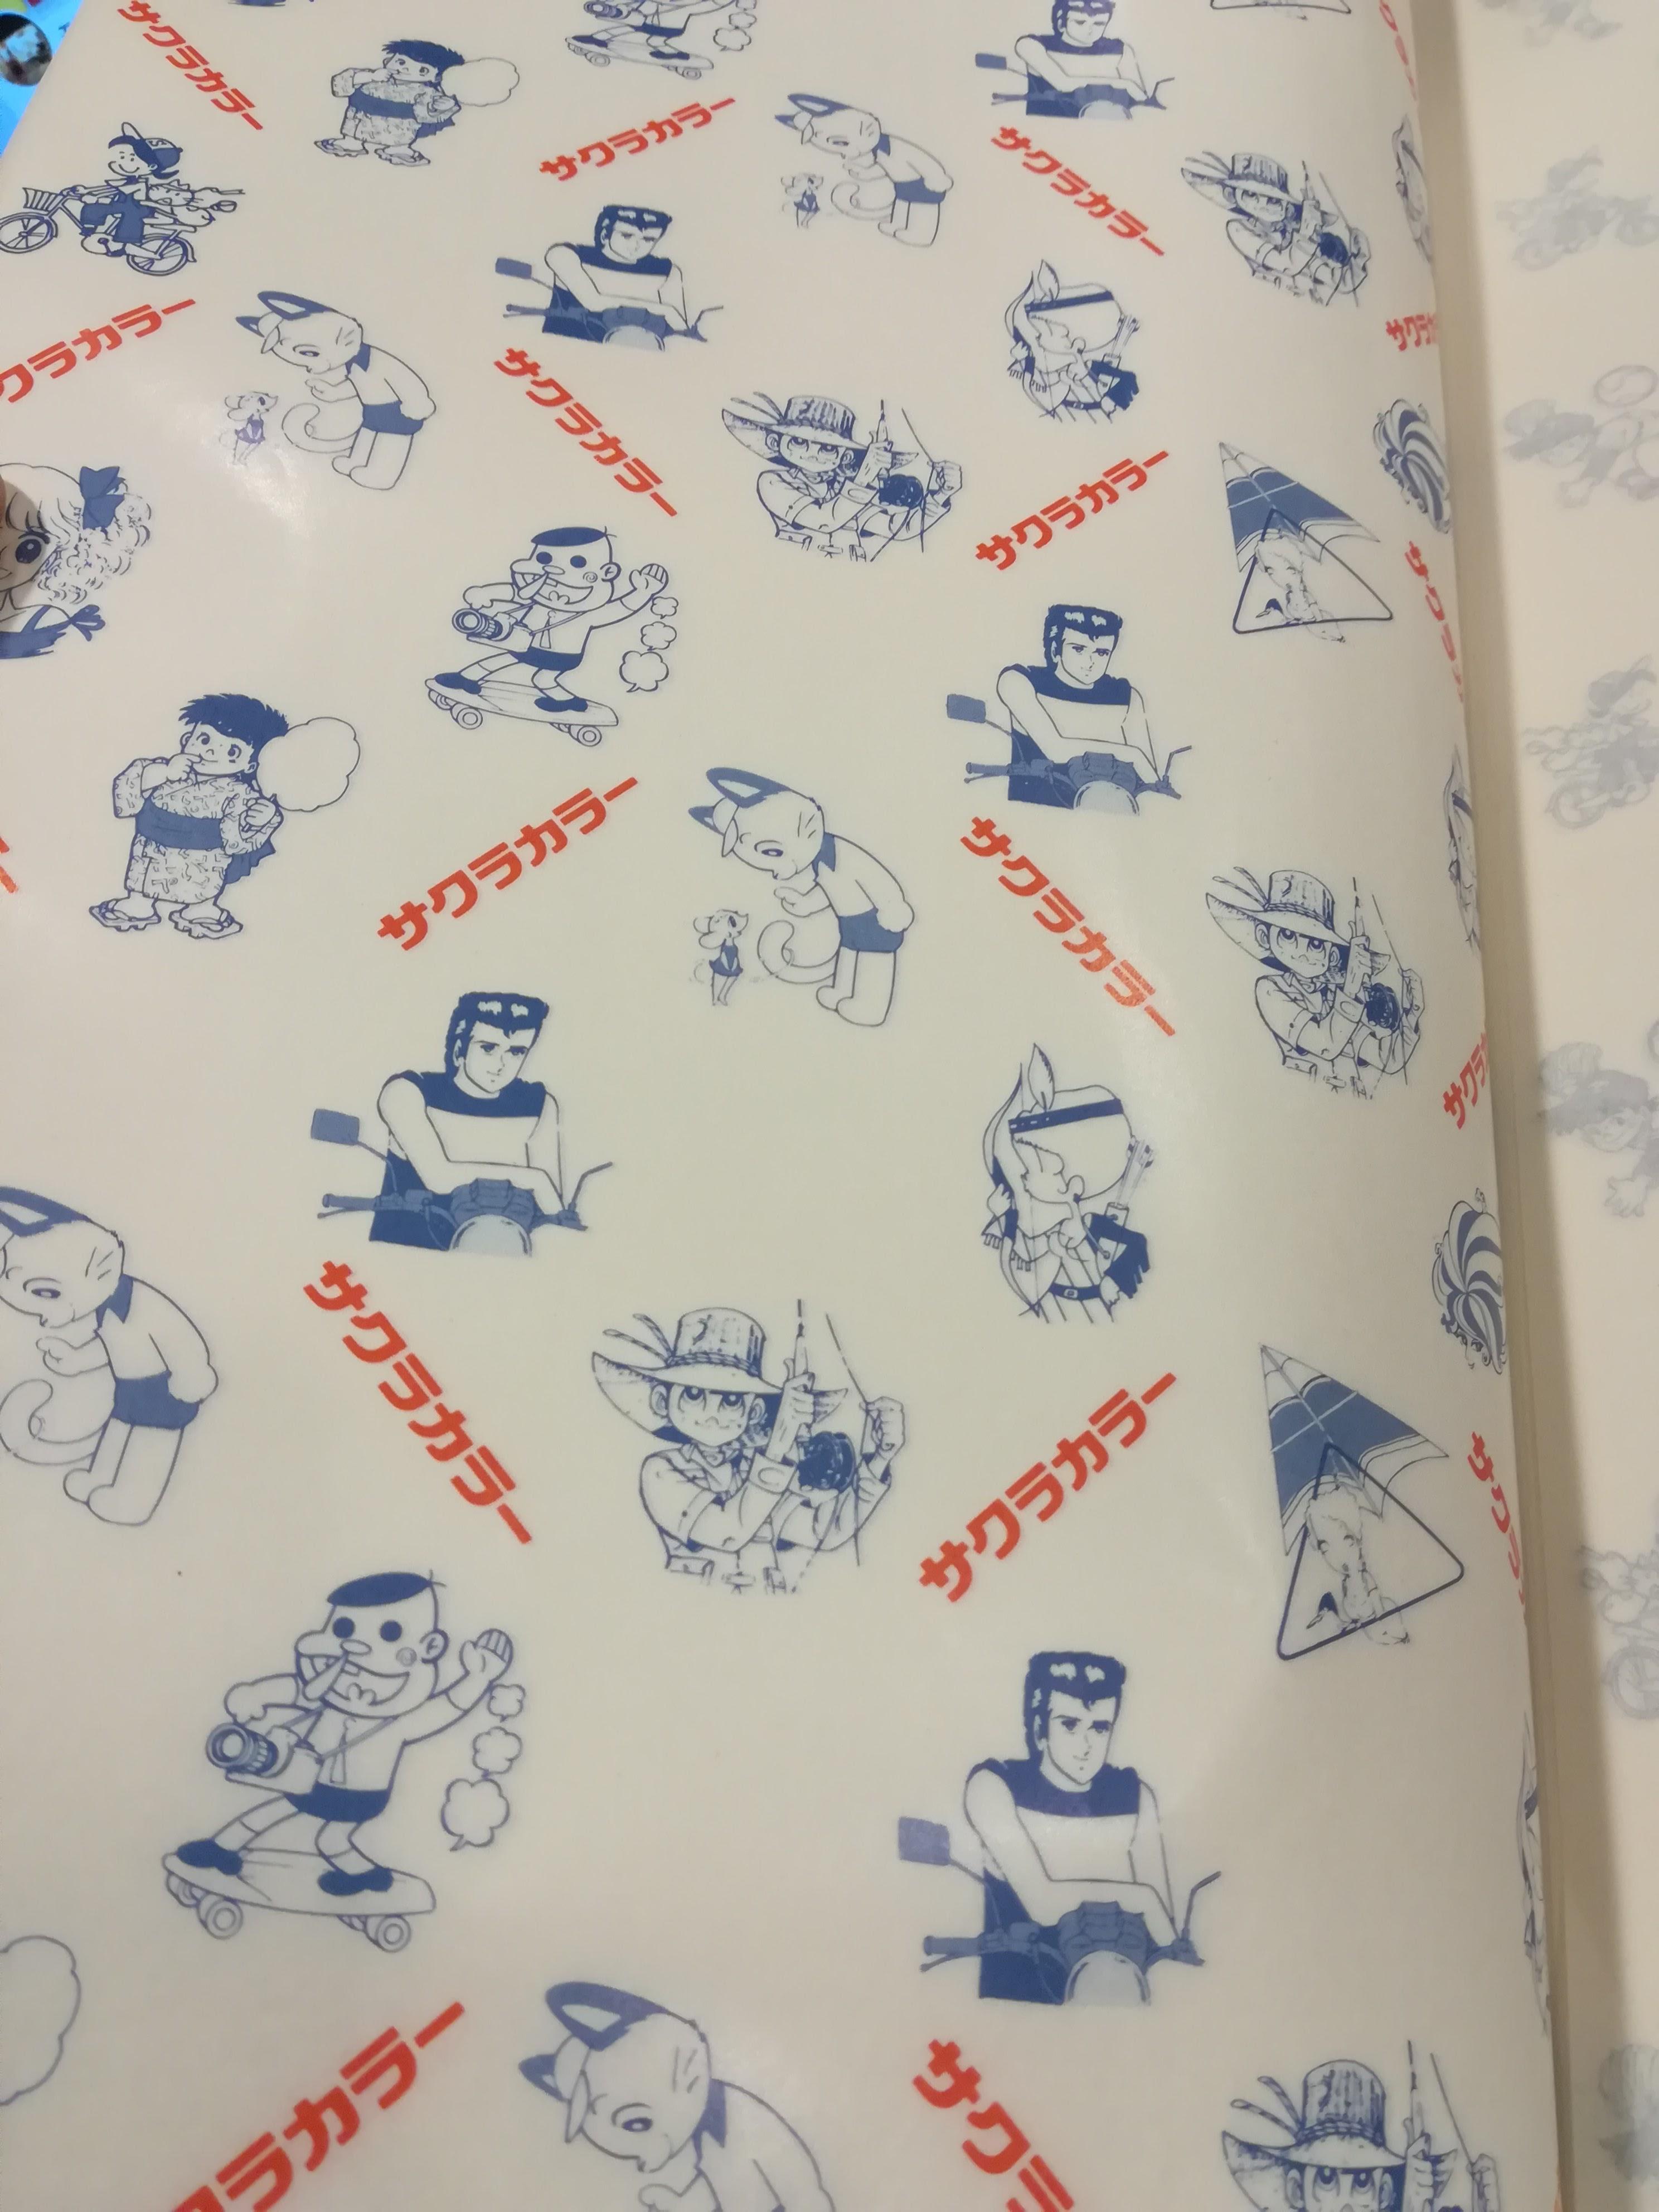 【サクラカラー漫画包装紙】入りました